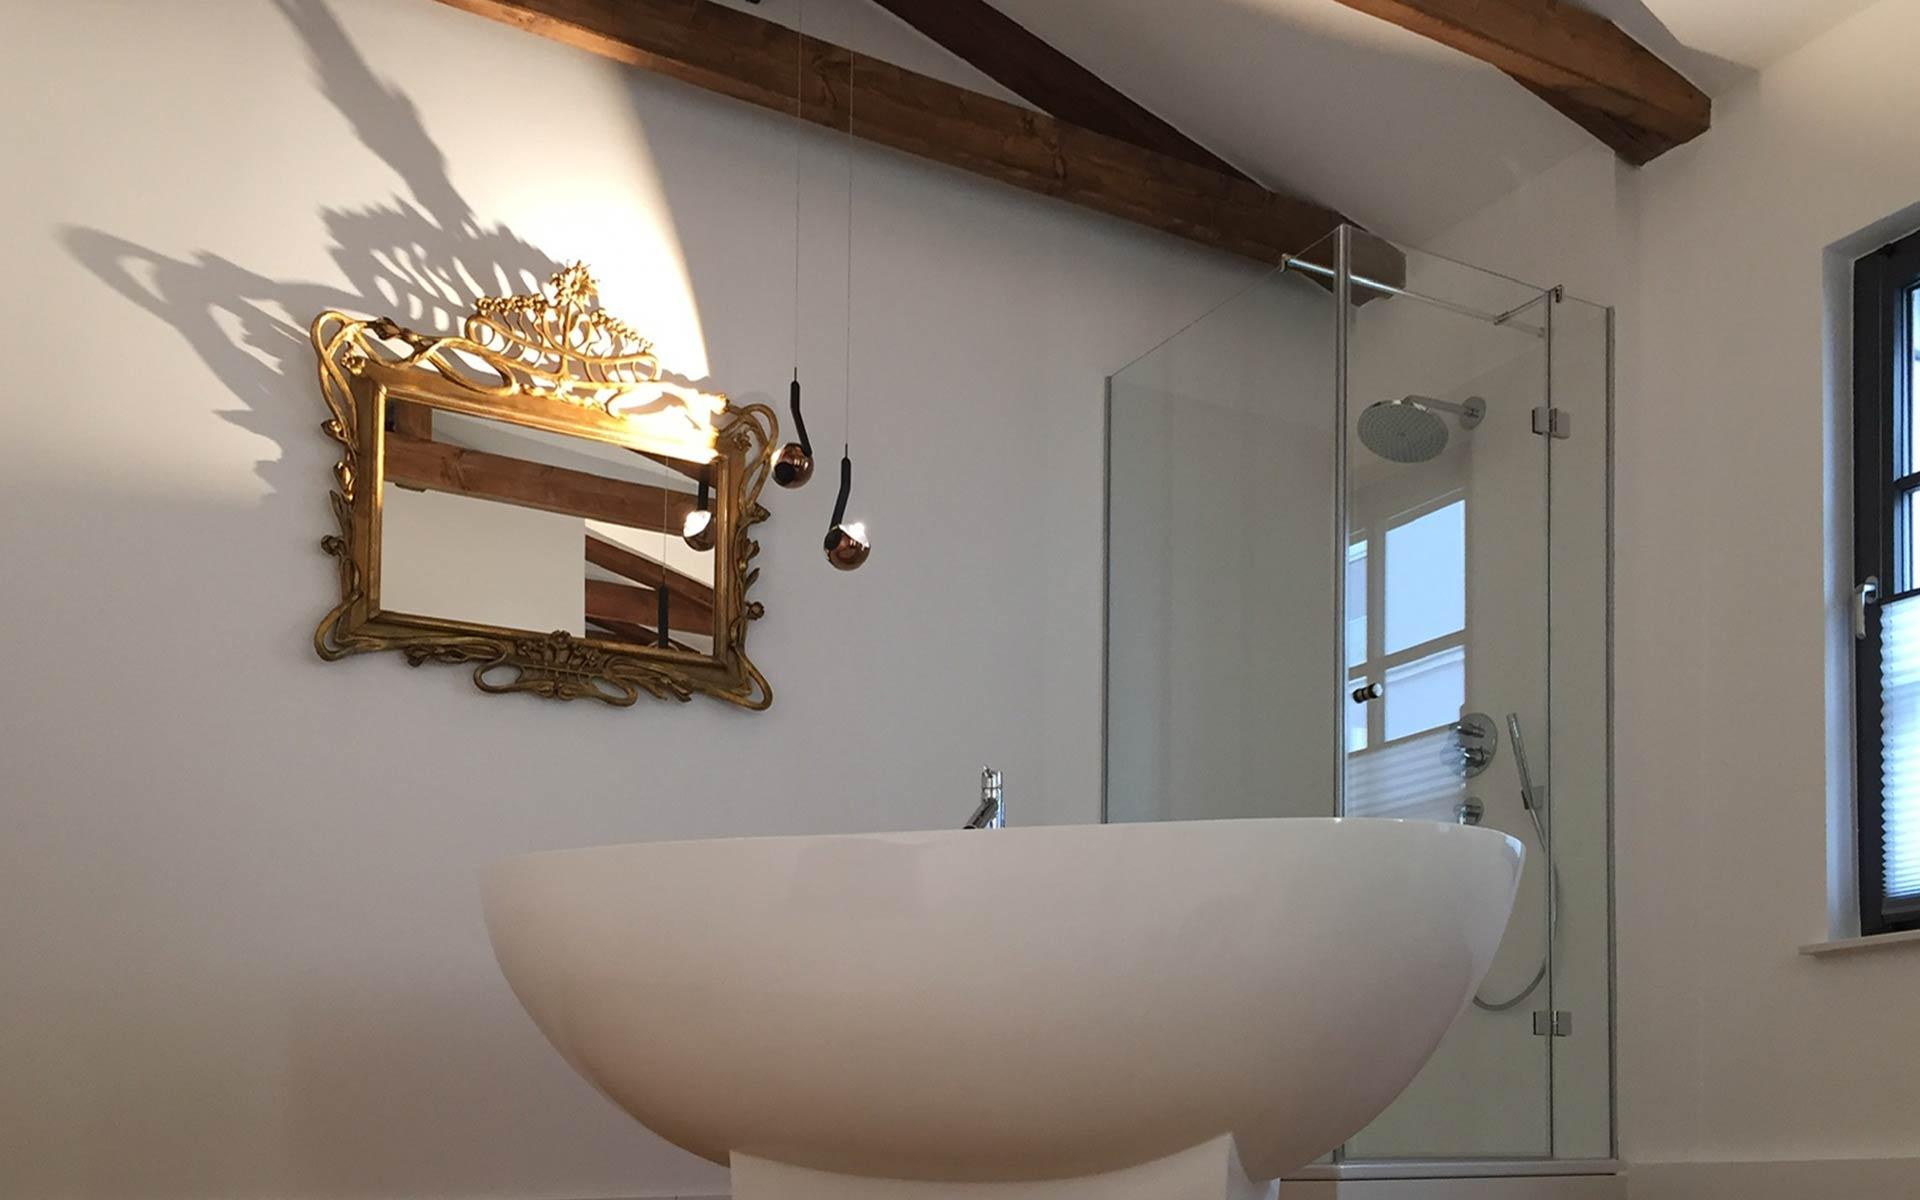 Occhio io Leuchten - Interiordesign steidten+ Berlin